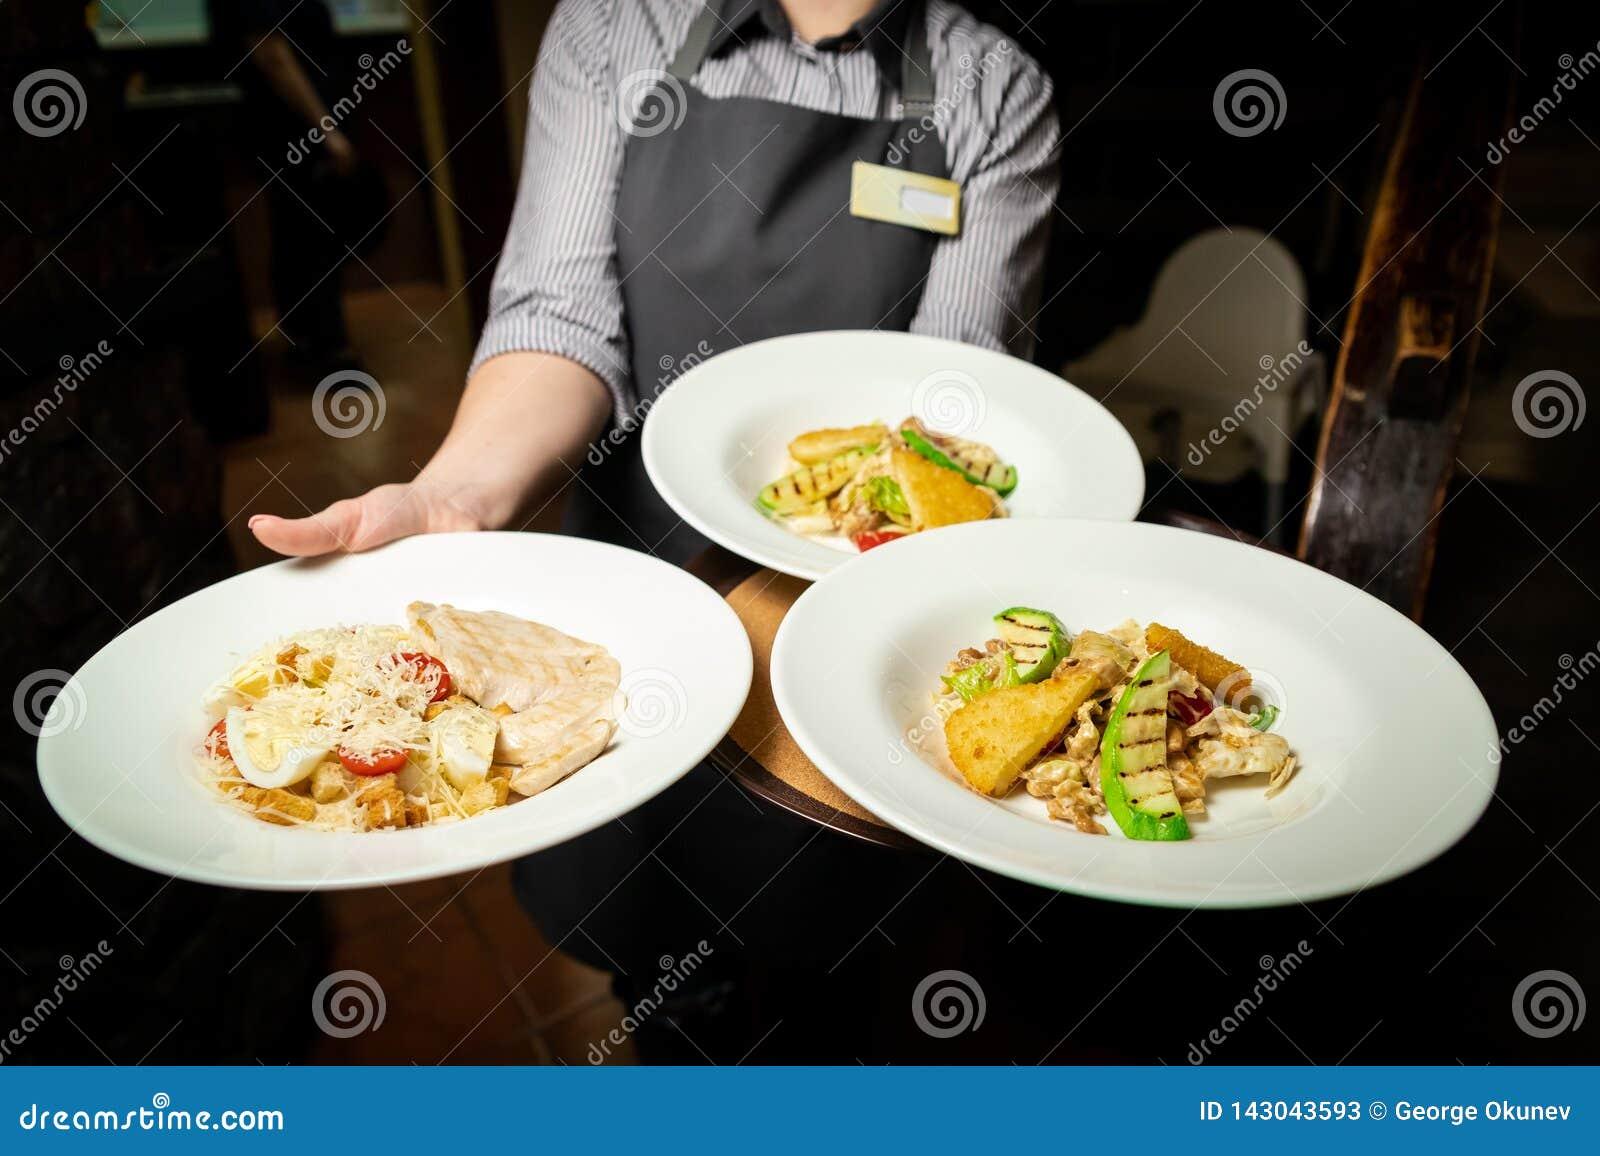 Σαλάτα των λαχανικών και του κρέατος σε ένα όμορφο άσπρο πιάτο